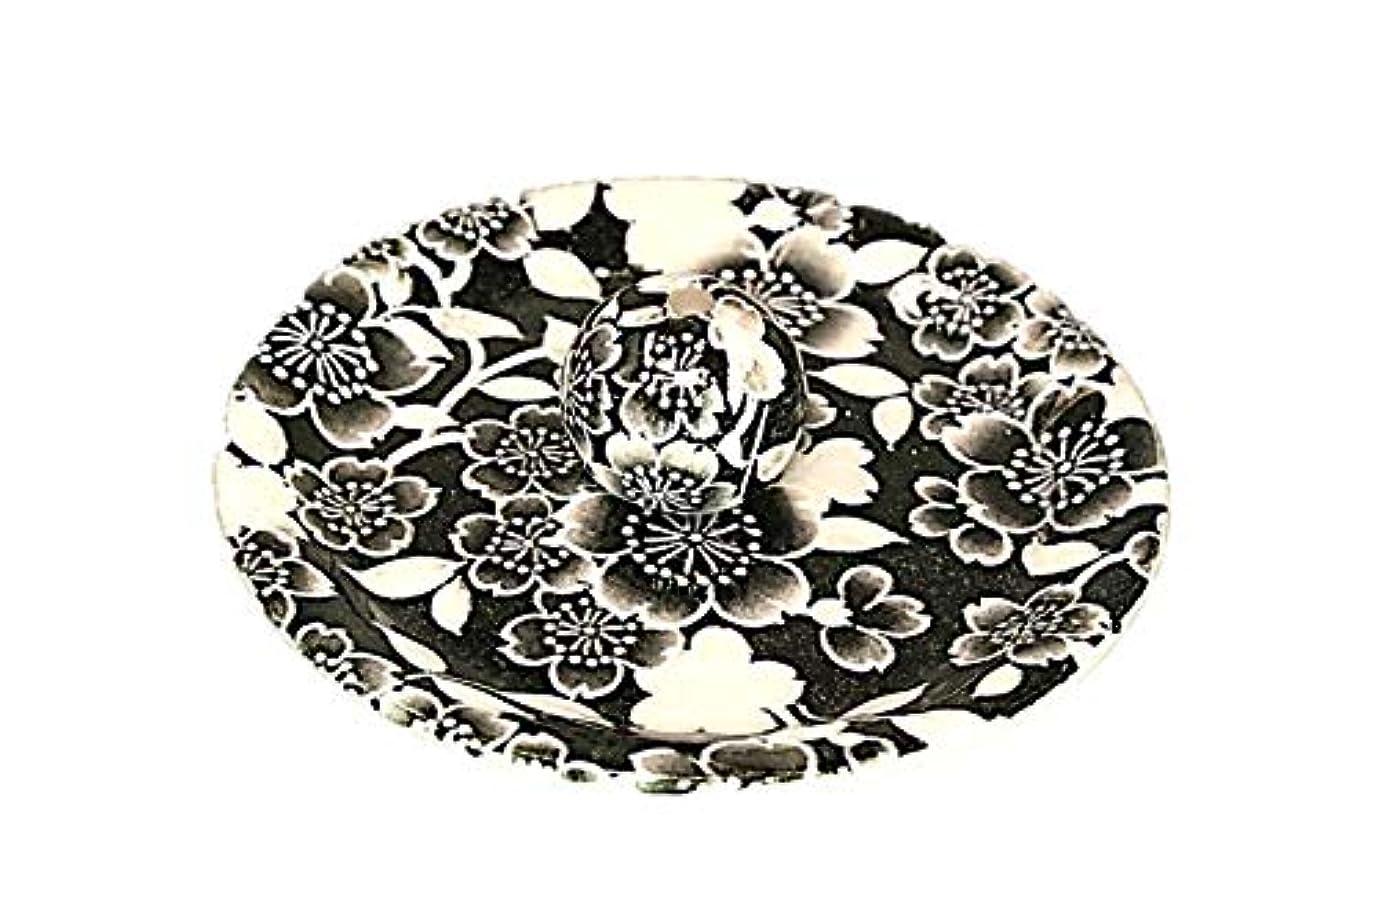 種崖木製9-35 桜友禅 黒 9cm香皿 お香立て お香たて 陶器 日本製 製造?直売品